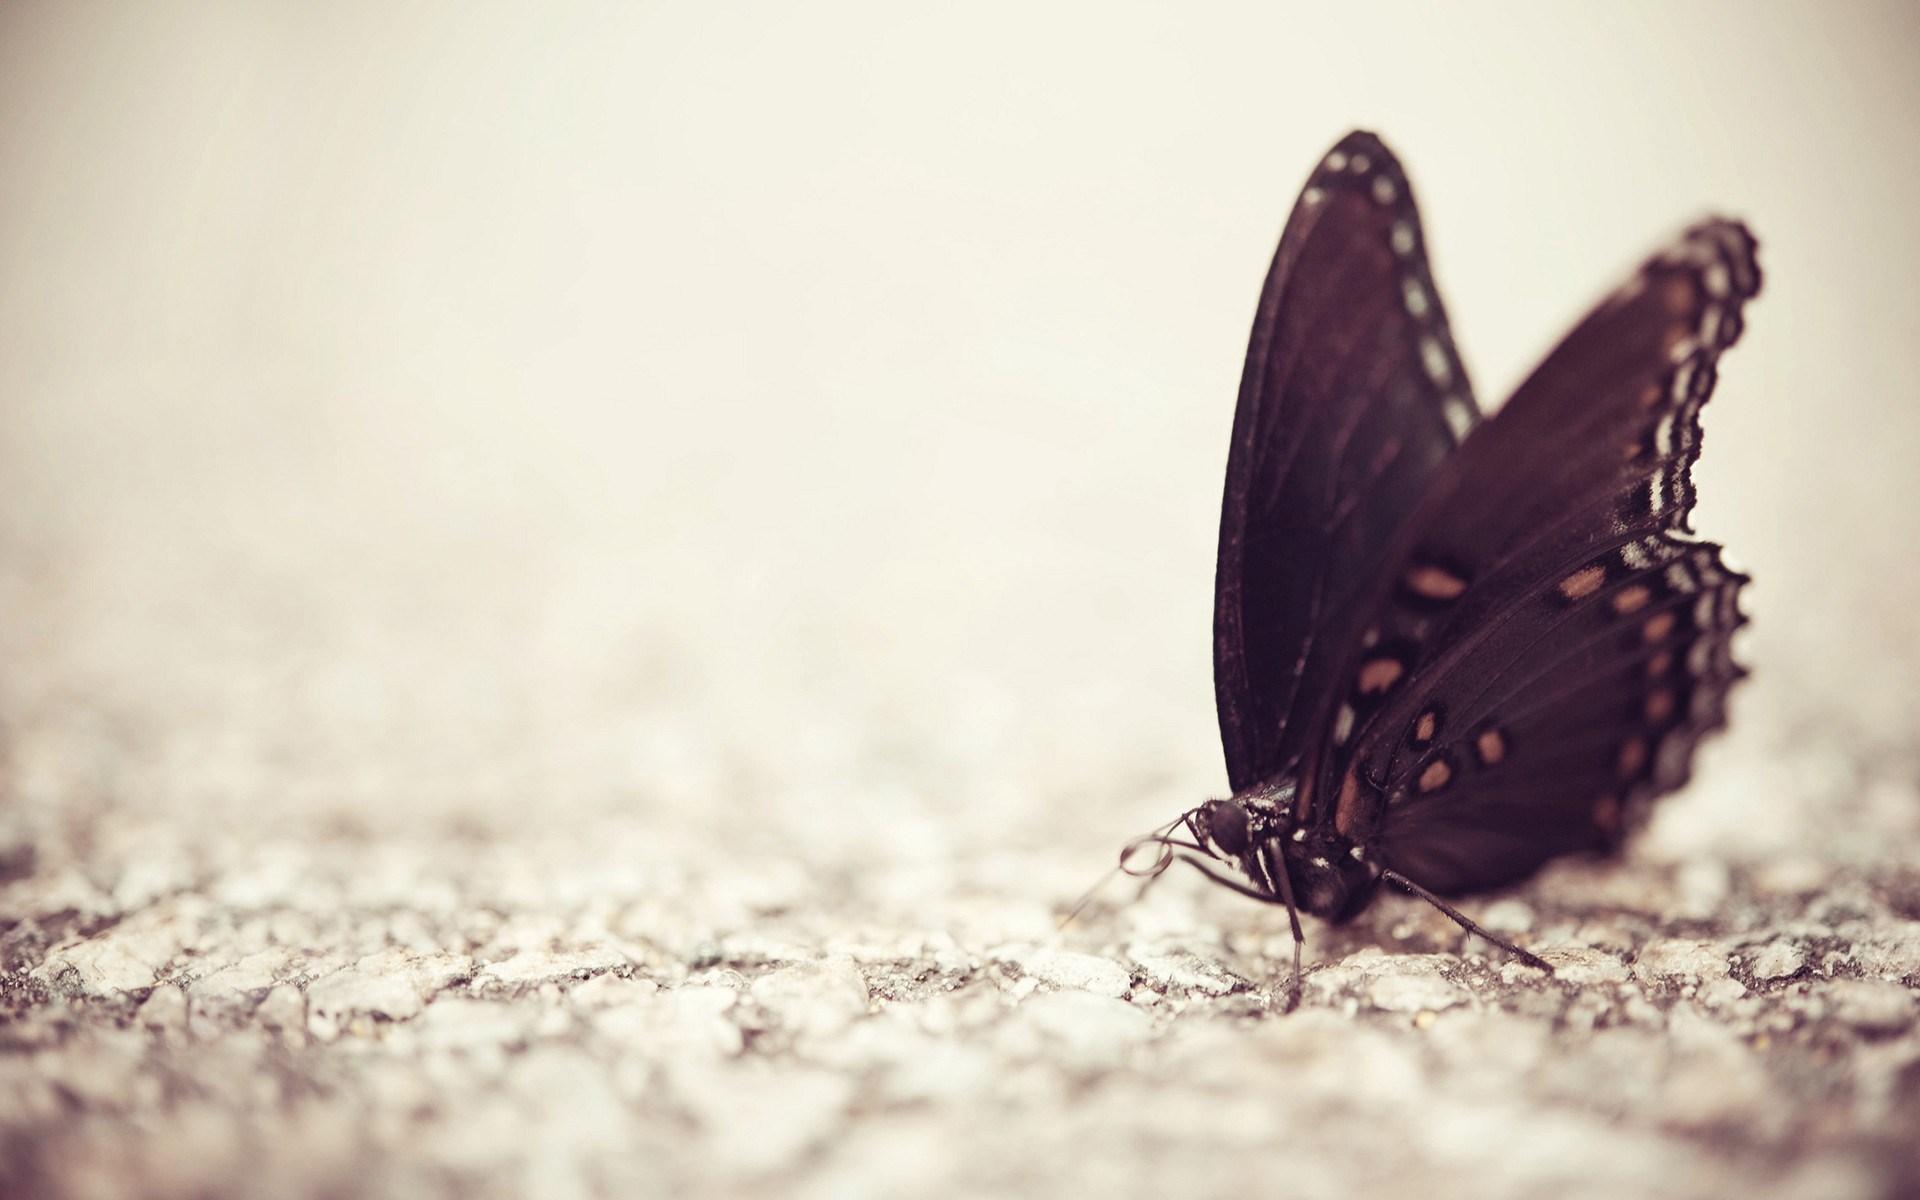 butterfly wallpaper high - photo #17